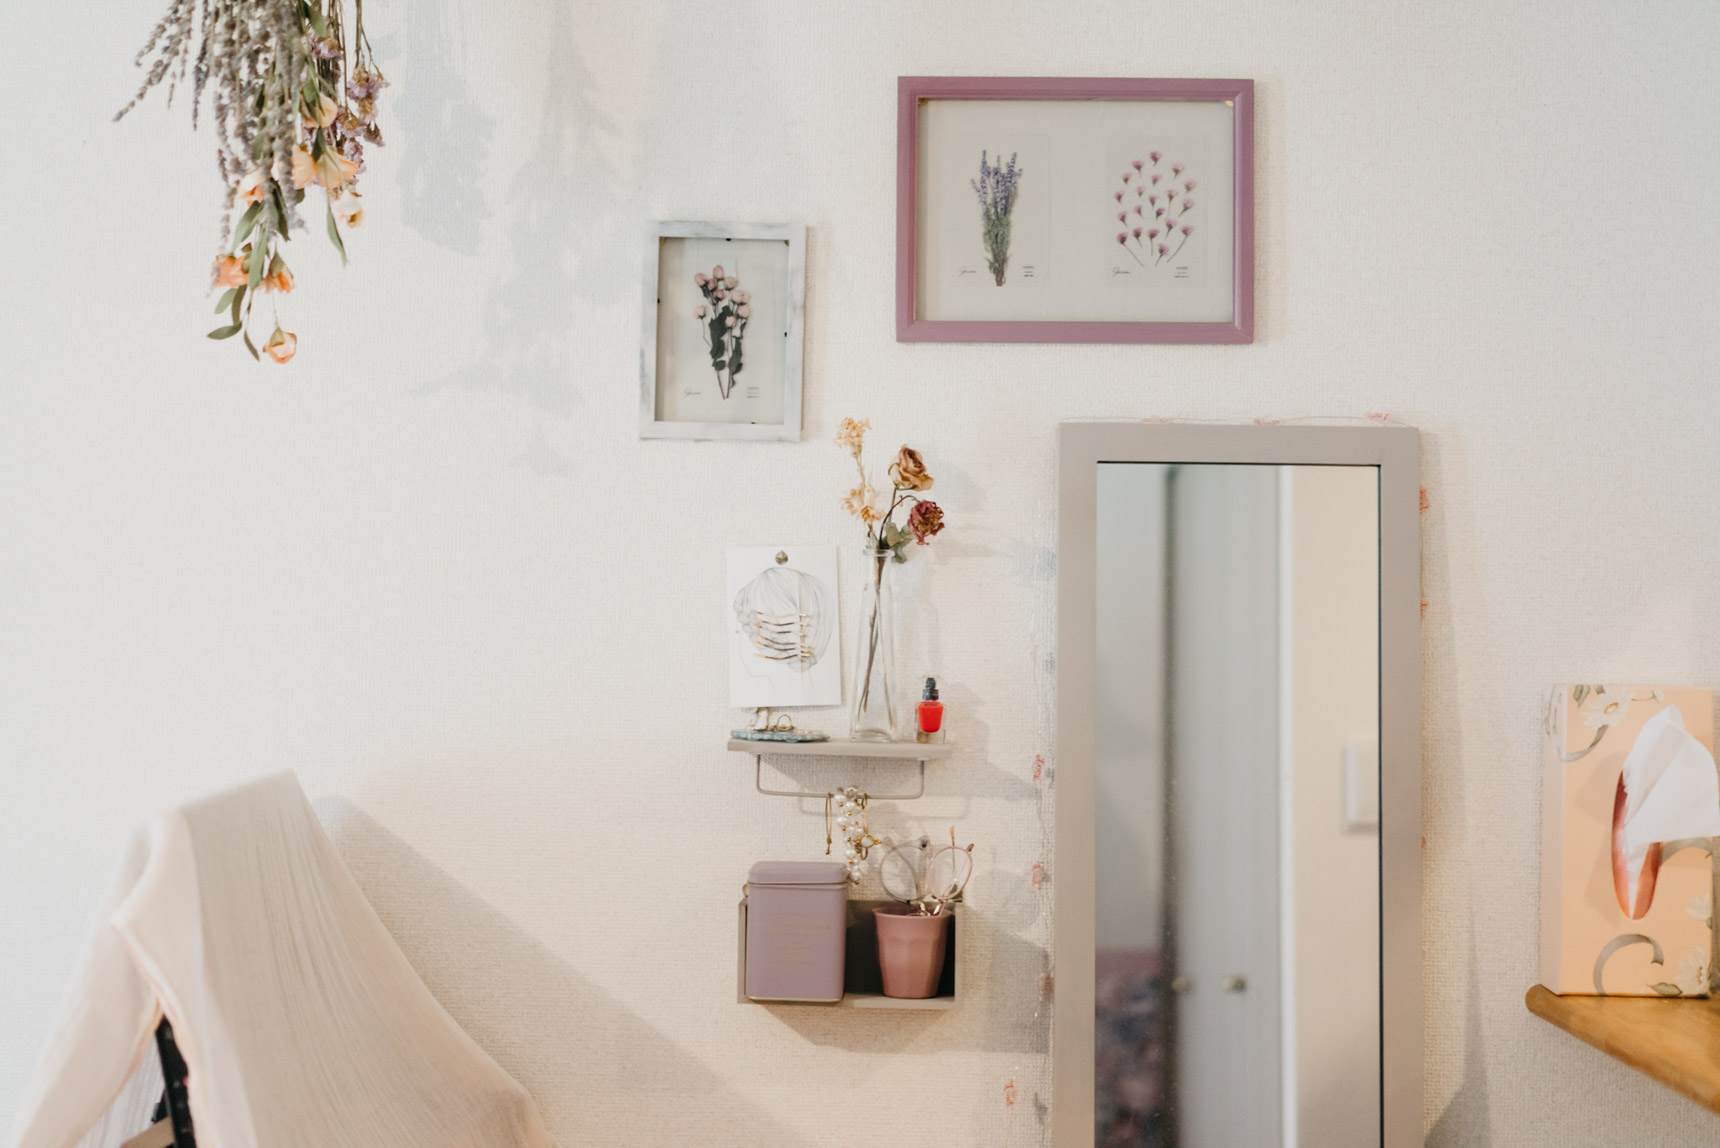 姿見の隣には、画鋲で止めた小さな棚を置いて、よく使うアクセサリーやメガネなどのちょっとした置き場に。可愛い中にも、ちゃんと生活動線が考えられていて素敵です。